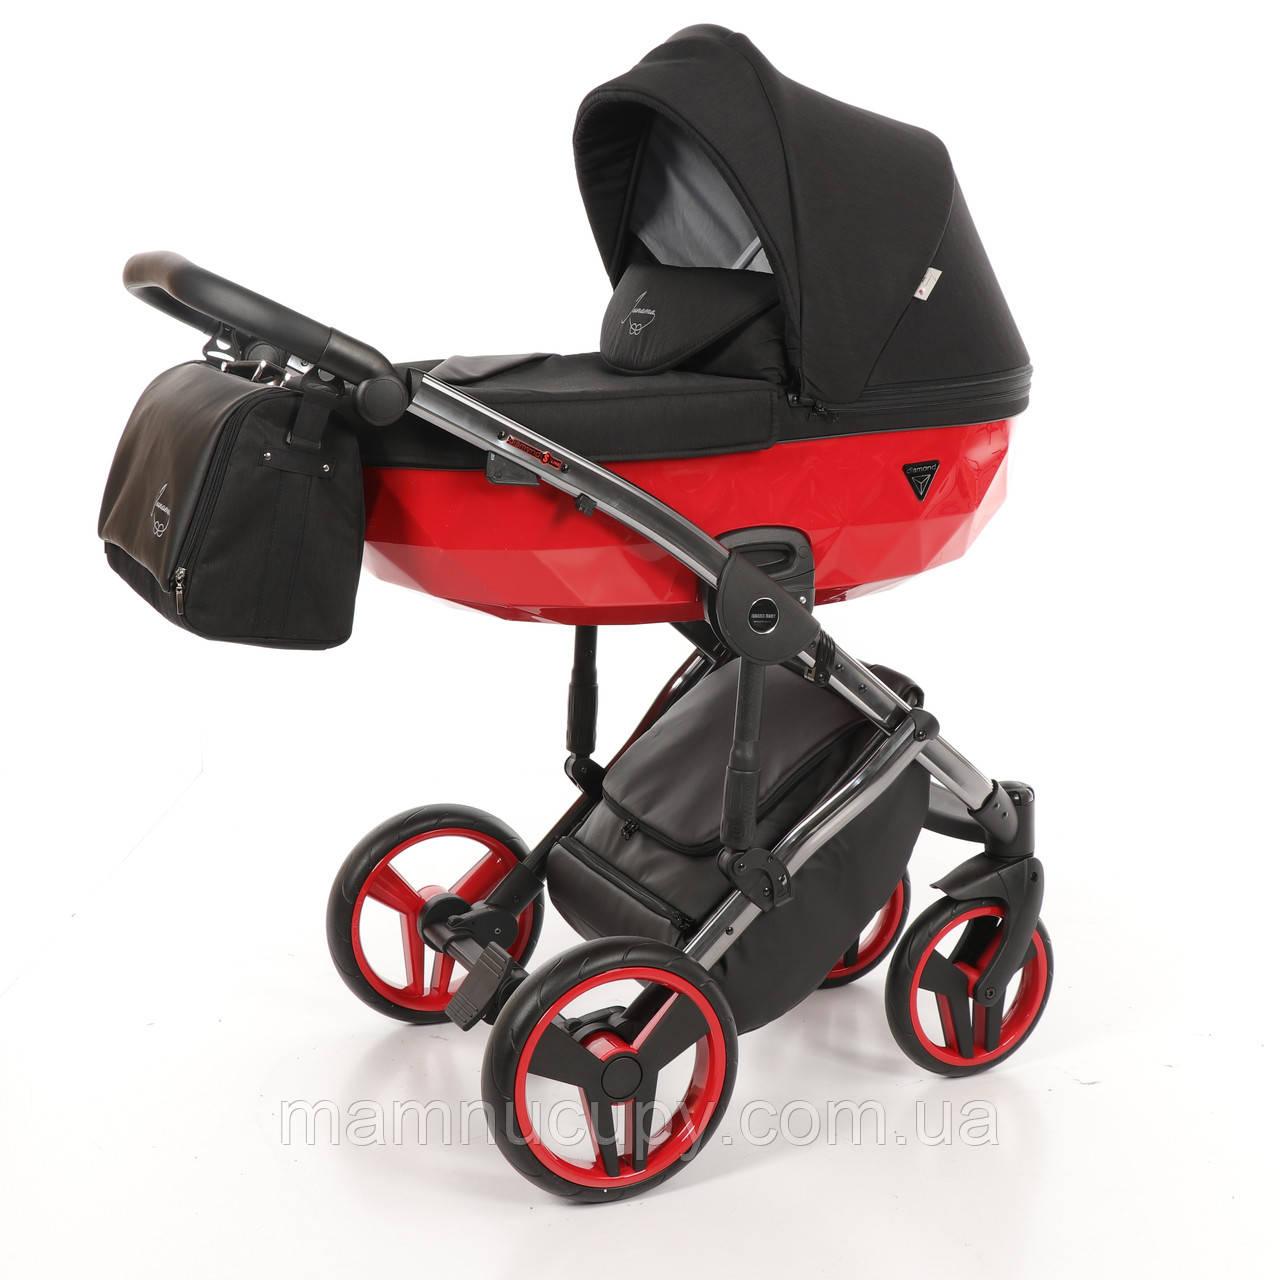 Детская универсальная коляска 2 в 1 Junama Diamond S-line 01